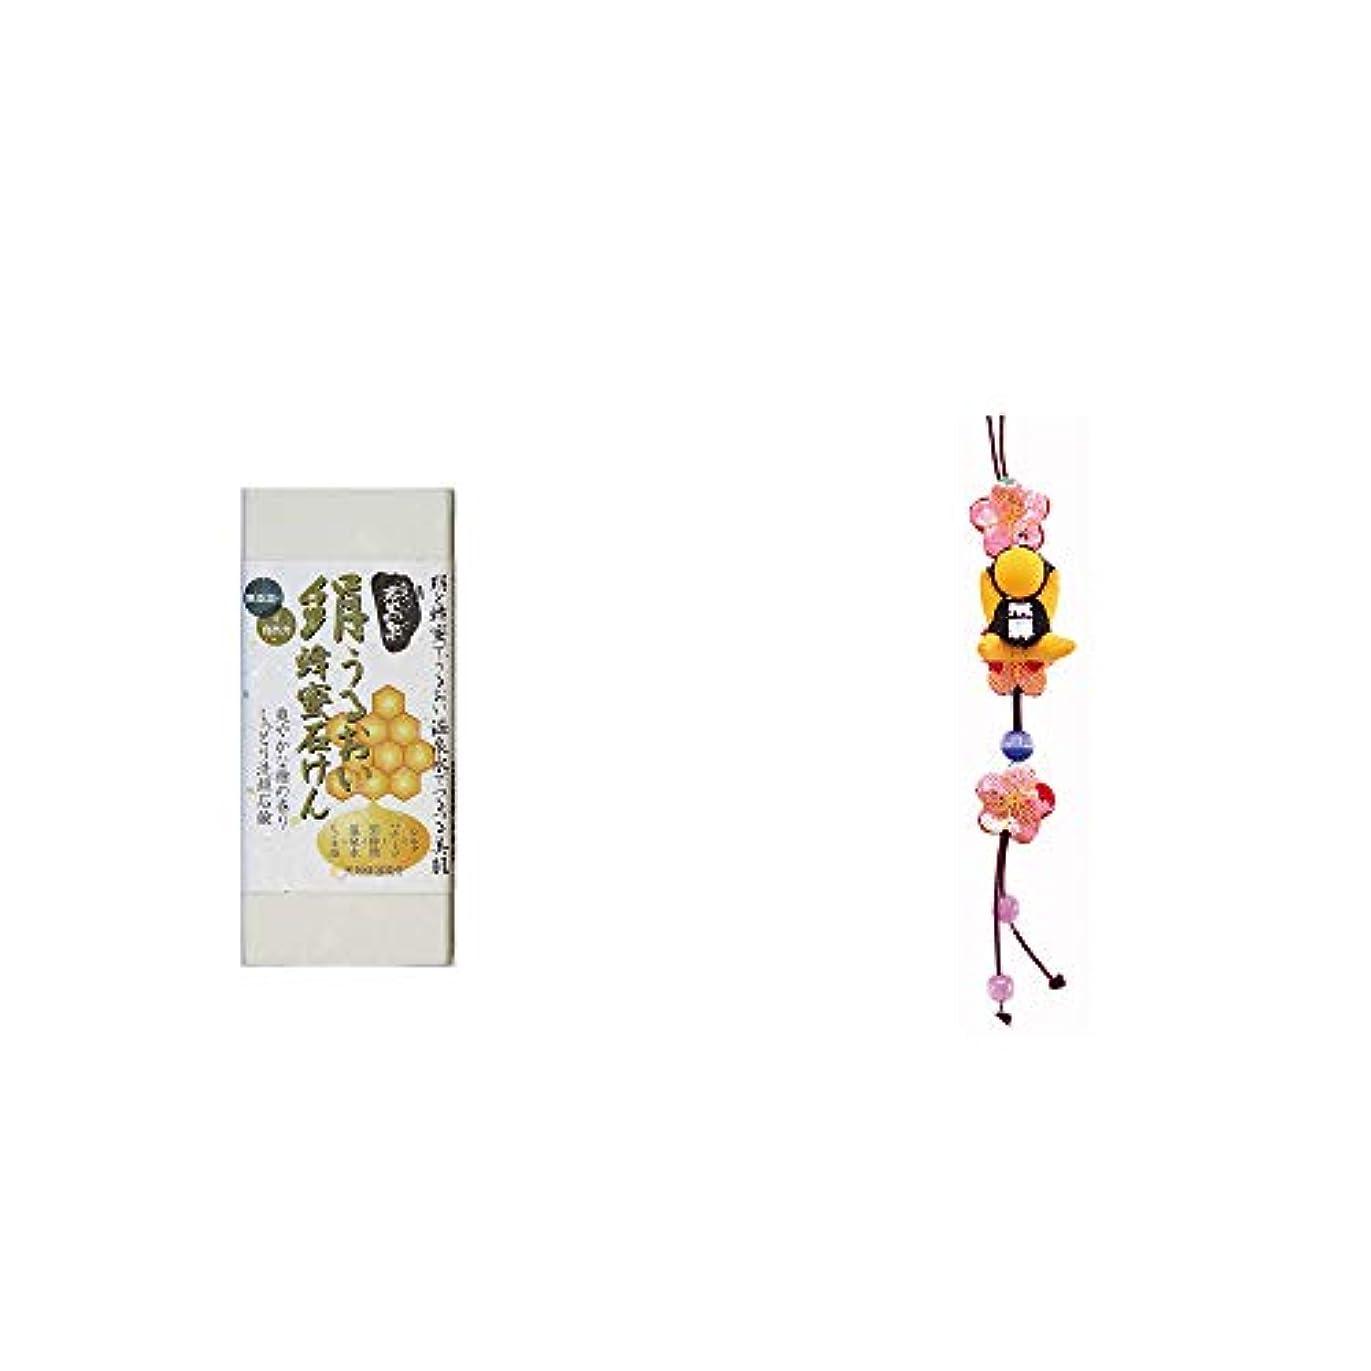 カタログ勝利したワーム[2点セット] ひのき炭黒泉 絹うるおい蜂蜜石けん(75g×2)?豆さるぼぼ 和風ストラップ【黄】/ 縁結び?魔除け //